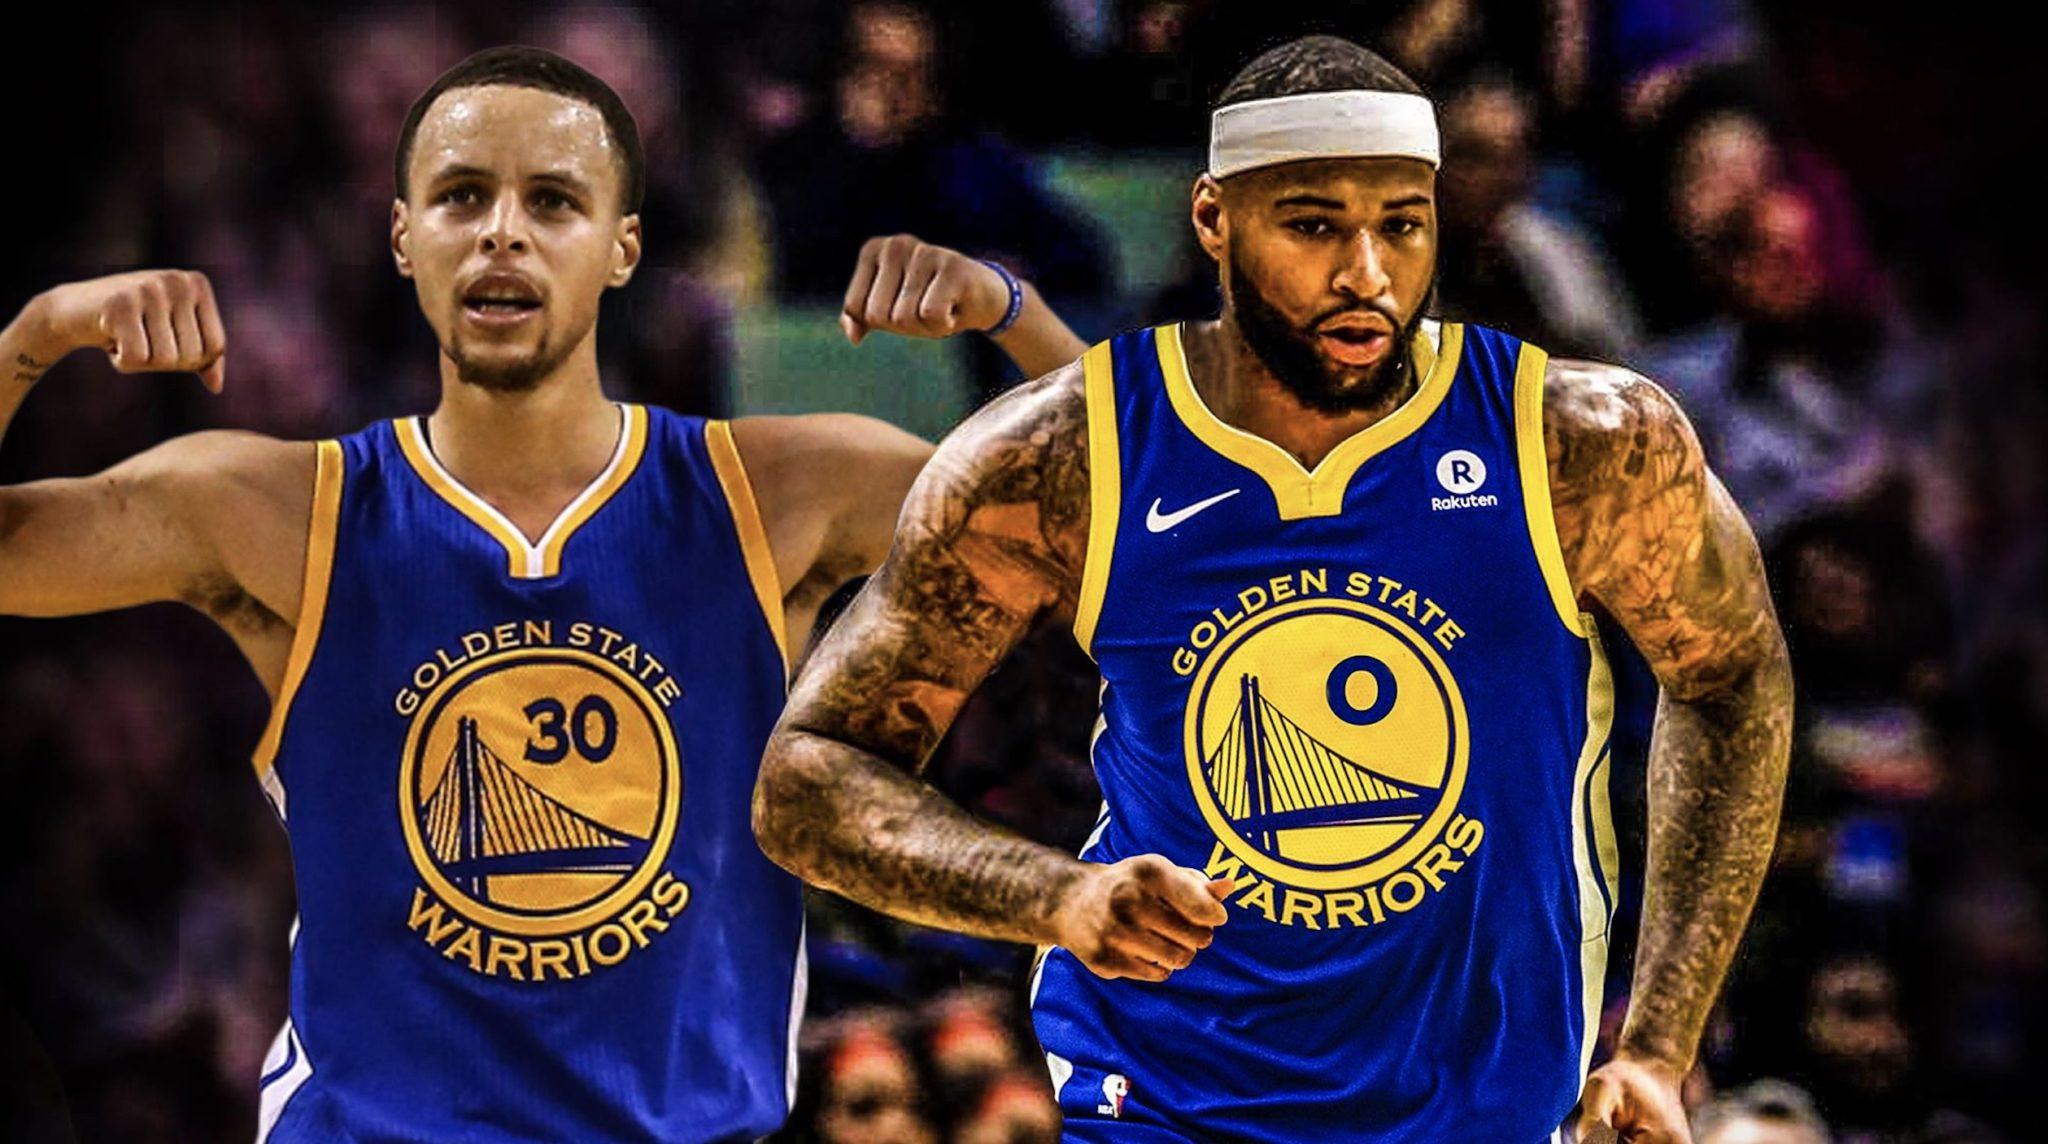 Curry phát cuồng khi được làm đồng đội với Cousins, vì lí do nào mà DeMarcus quyết định đến Warriors